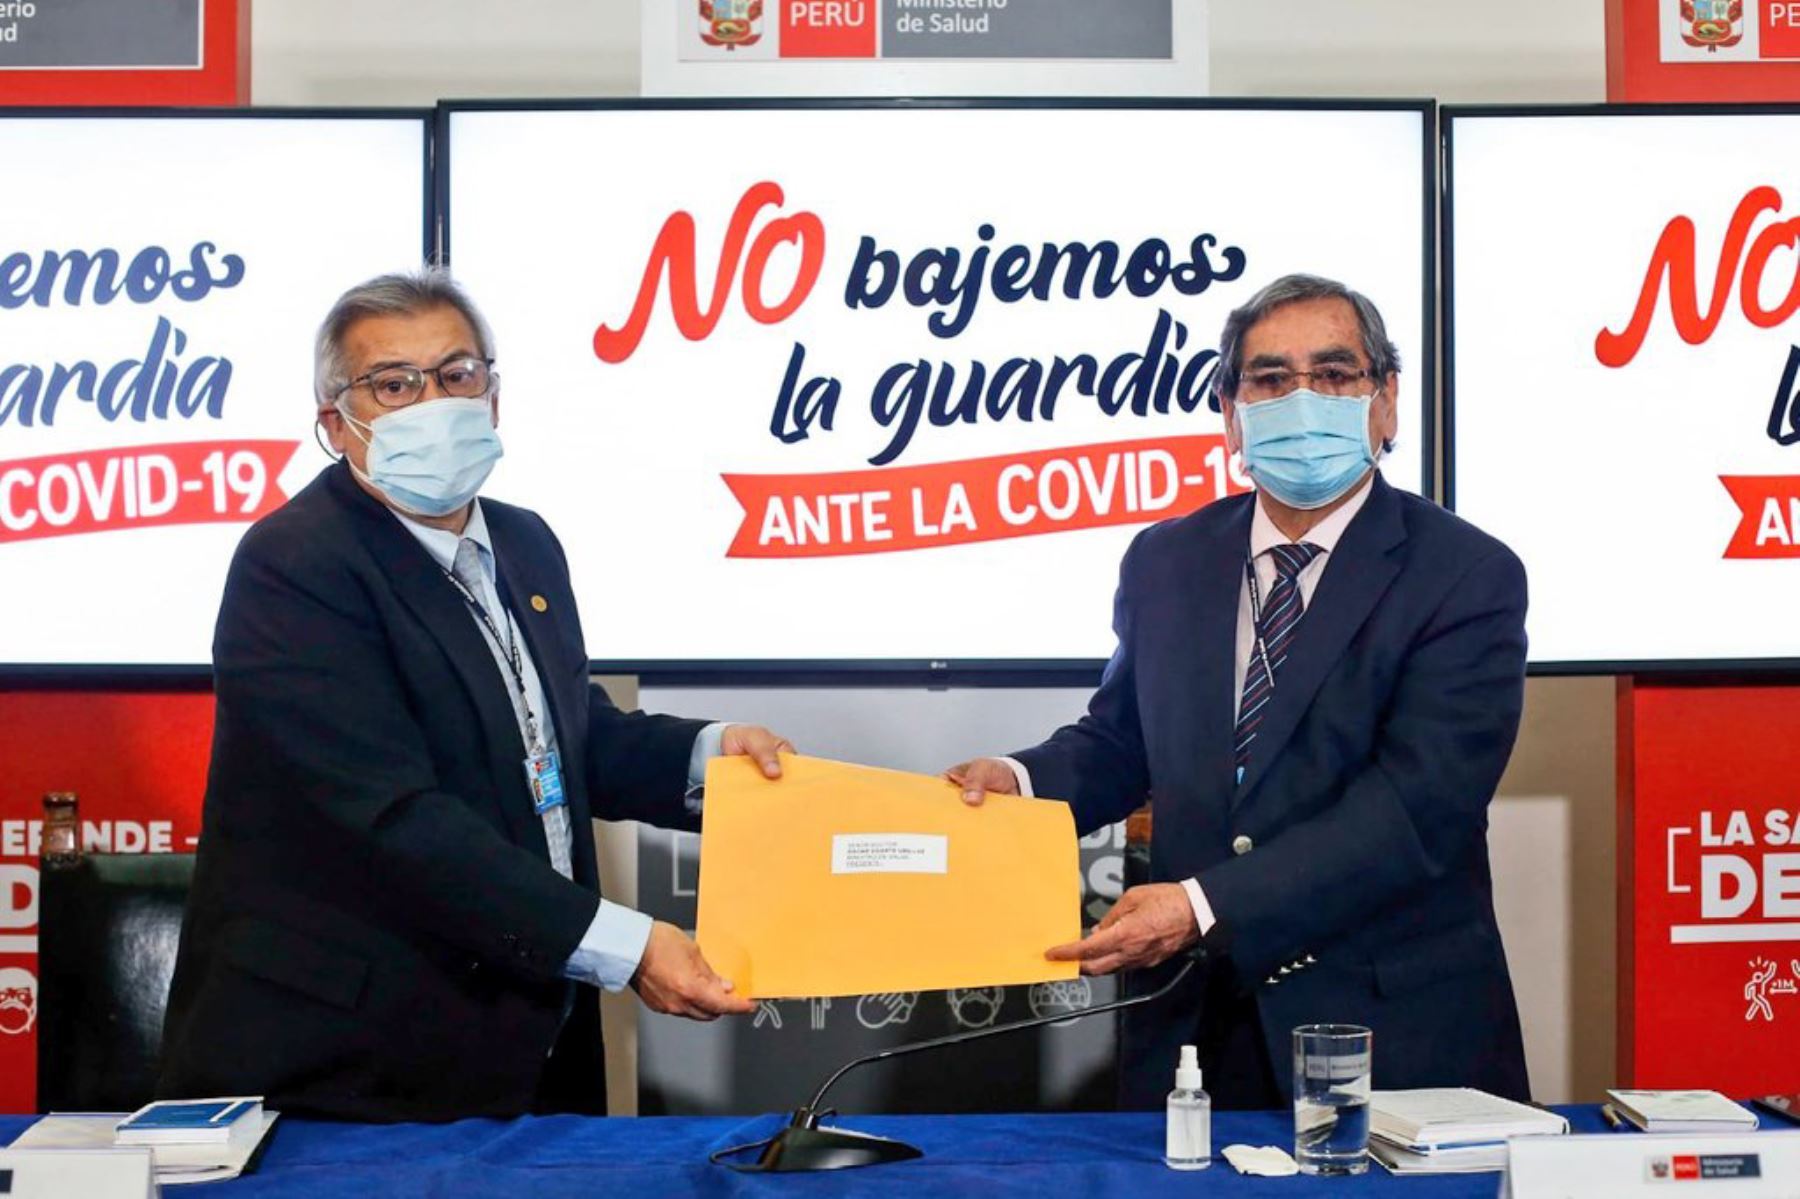 El ministro de Salud Óscar Ugarte, felicitó el trabajo realizado por la Comisión Sectorial investigadora y agradeció que se haya cumplido el plazo de diez días en que se comprometió entregar la información. Foto:ANDINA/Minsa